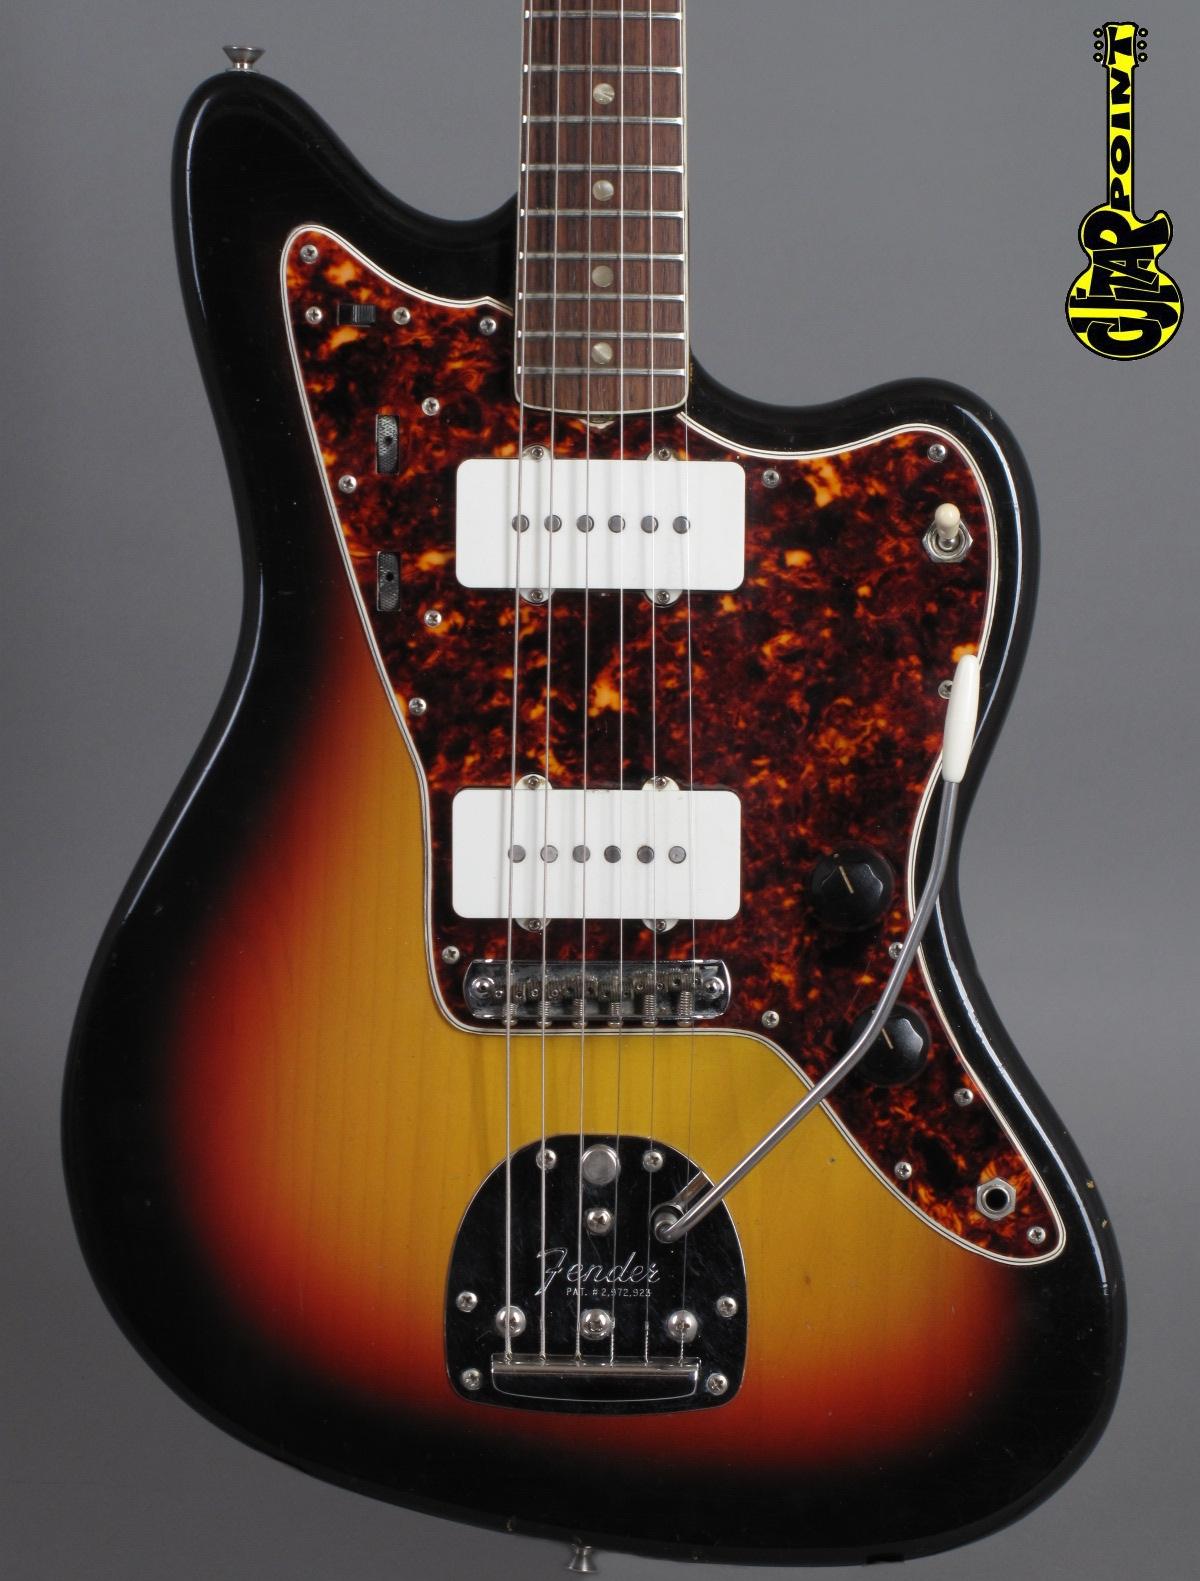 1966 Fender Jazzmaster - 3-tone Sunburst